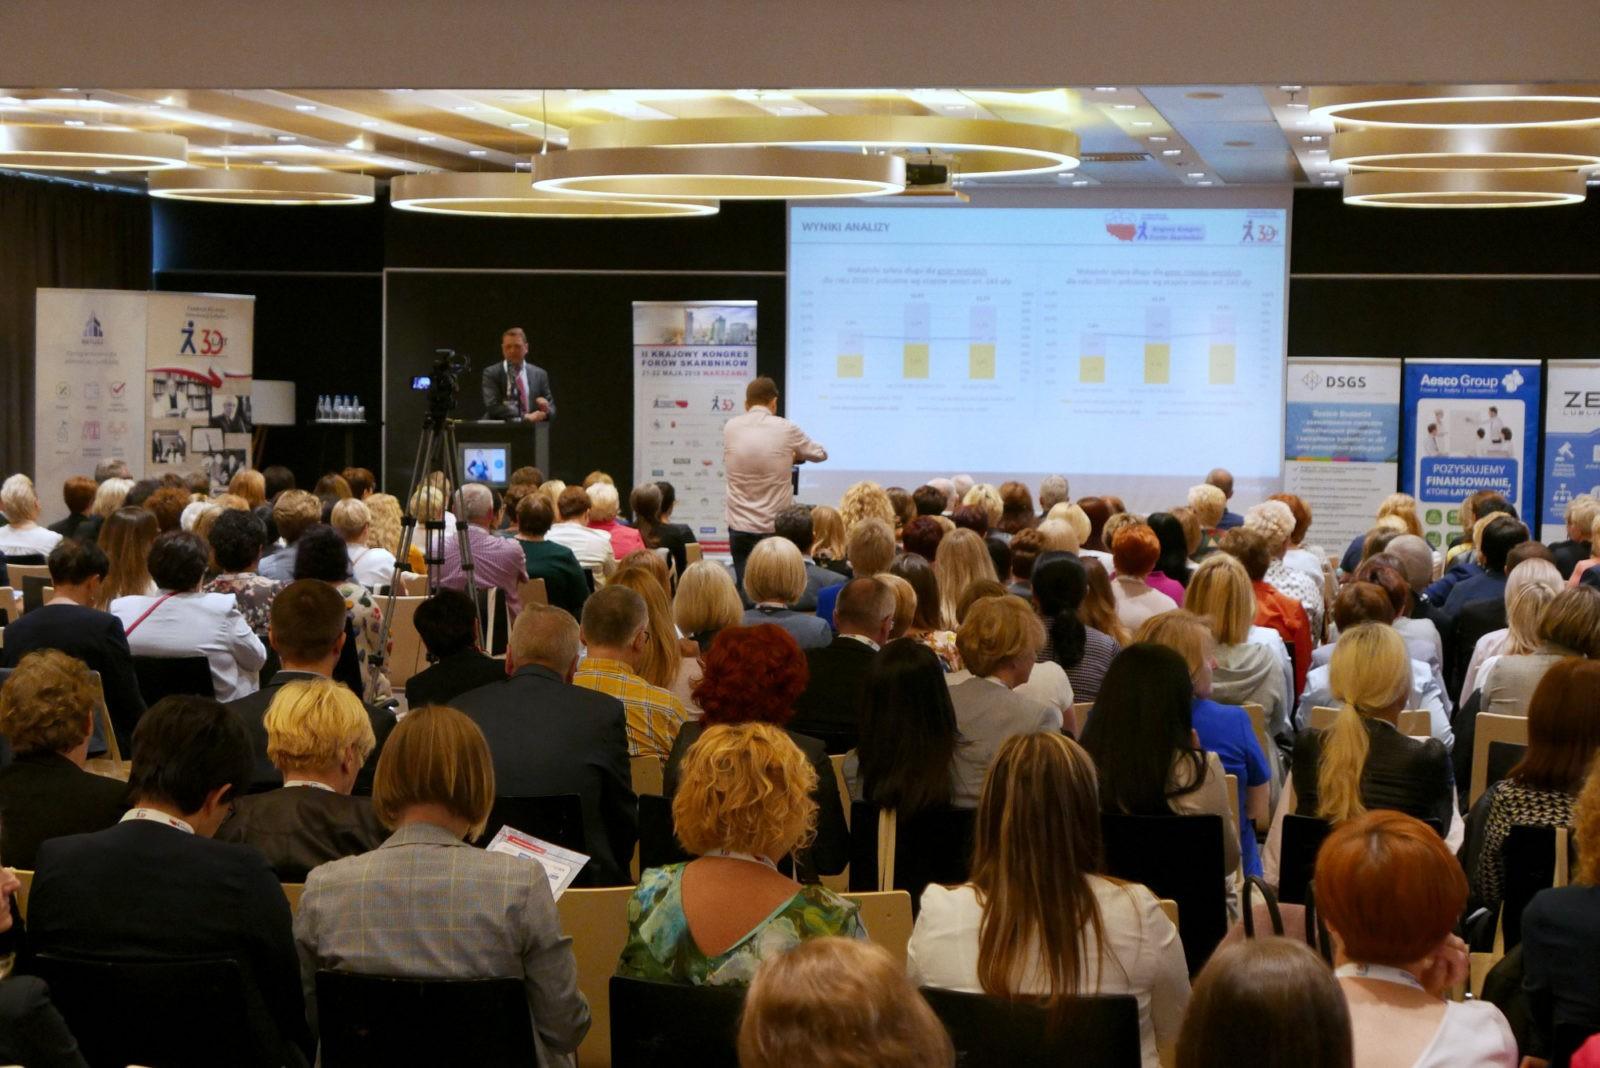 Aesco Group Partnerem Głównym II Krajowego Kongresu Forów Skarbników